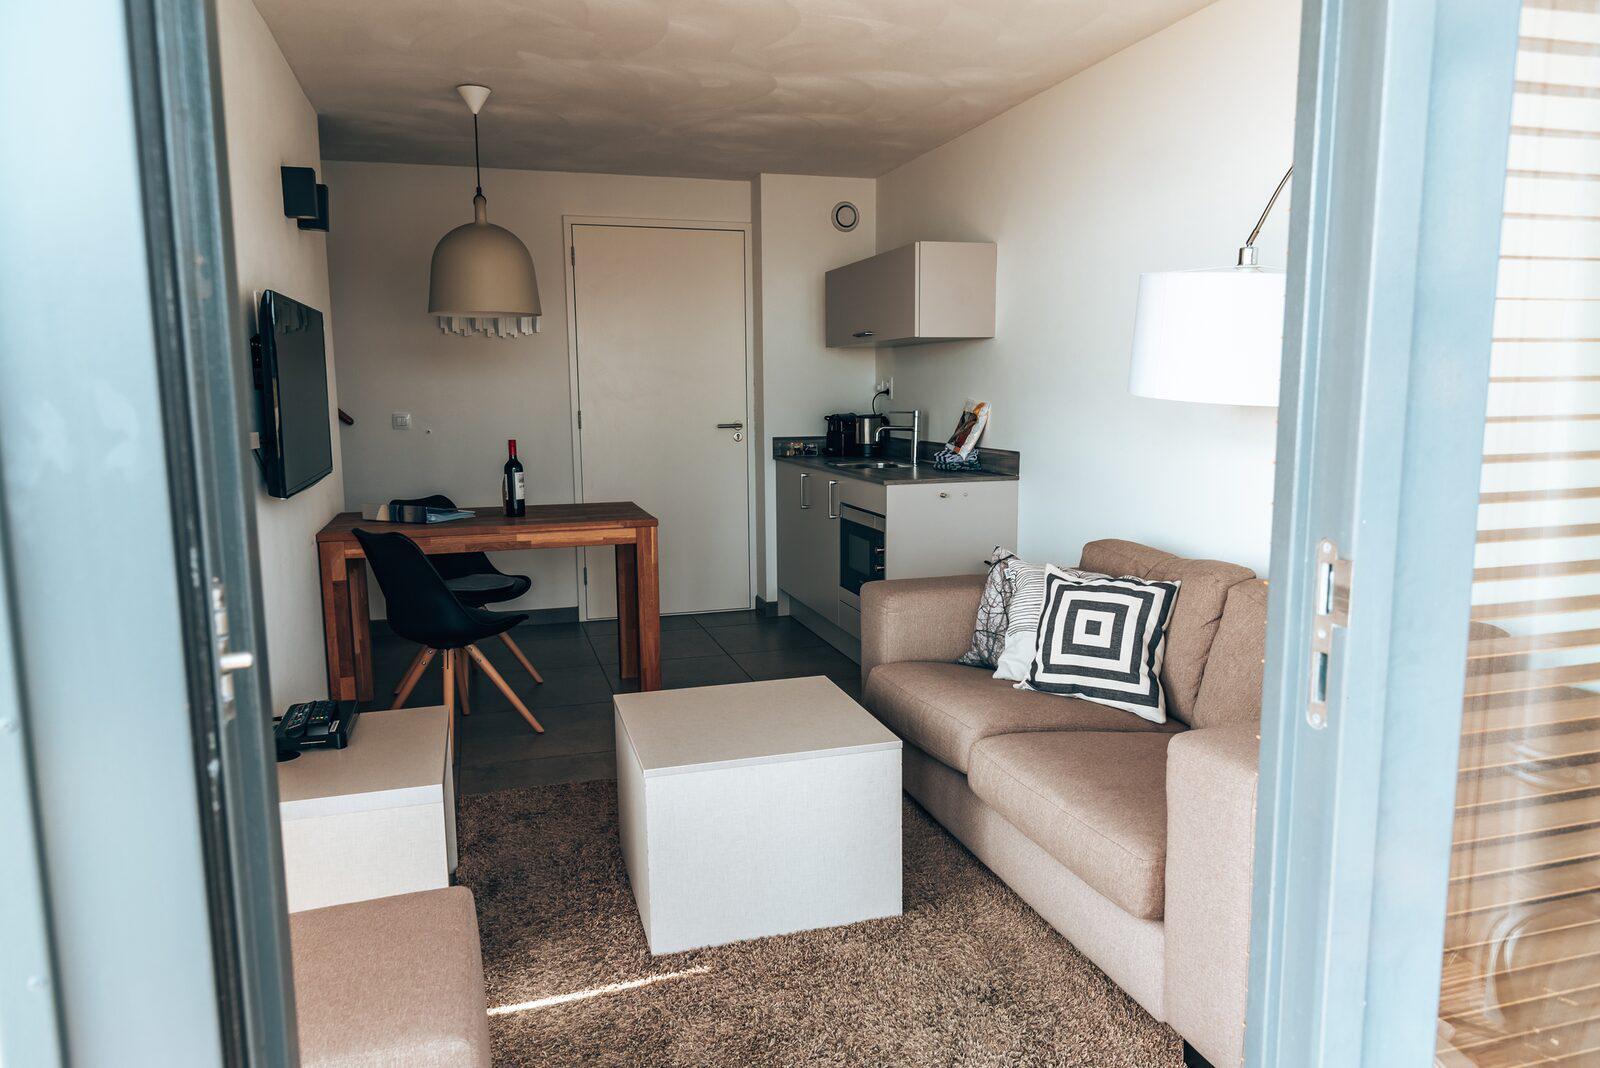 Oasis Parcs  Hotelstudio Deluxe 2 personen Ouddorp Zuid-Holland